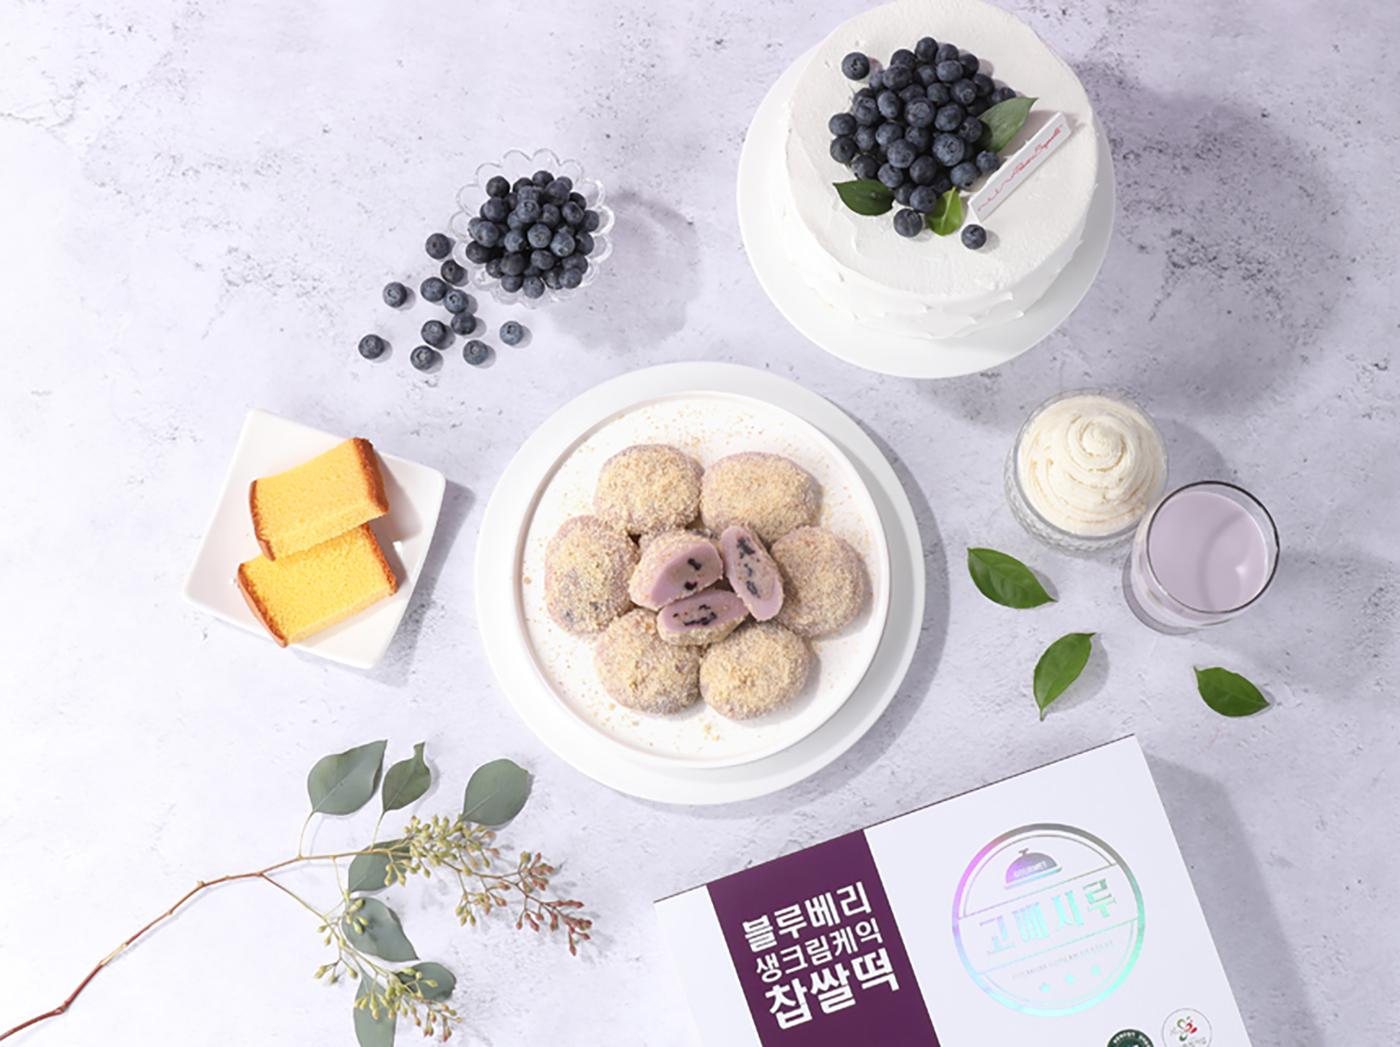 굳지 않는 블루베리 생크림 케익 모찌 찹쌀떡 (15입) 상세이미지2